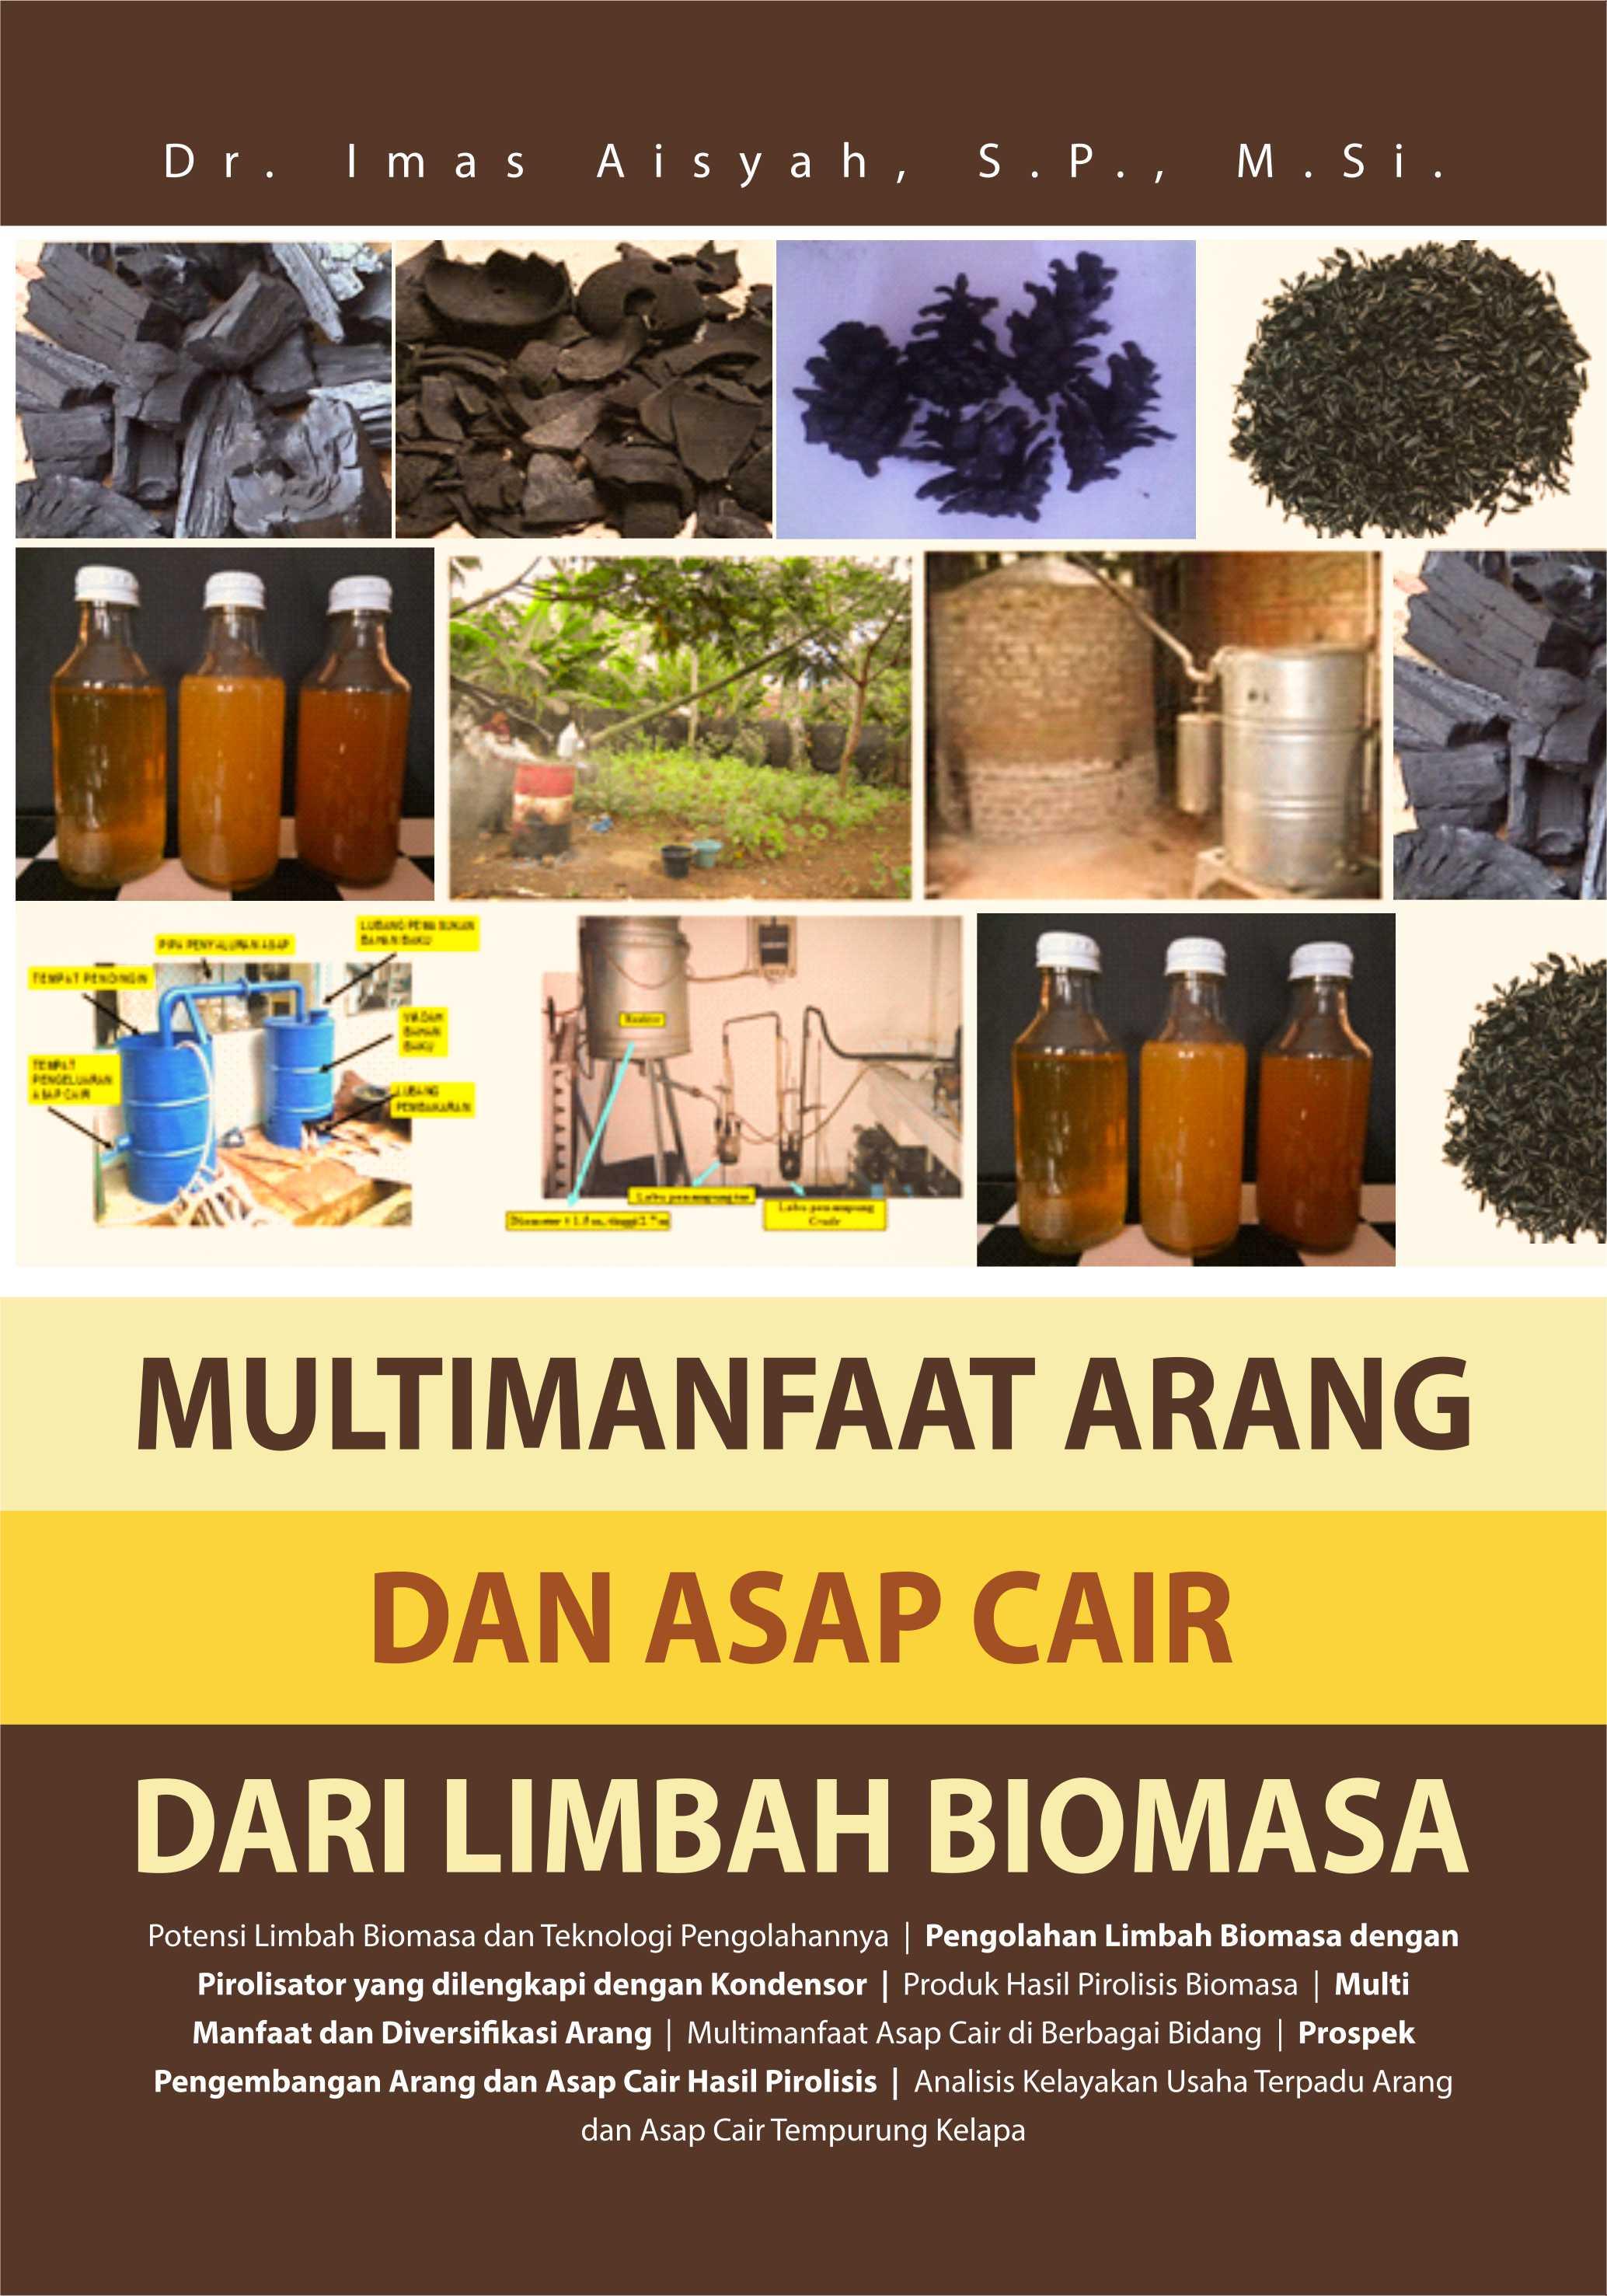 Multimanfaat arang dan asap cair dari limbah biomasa [sumber elektronis]